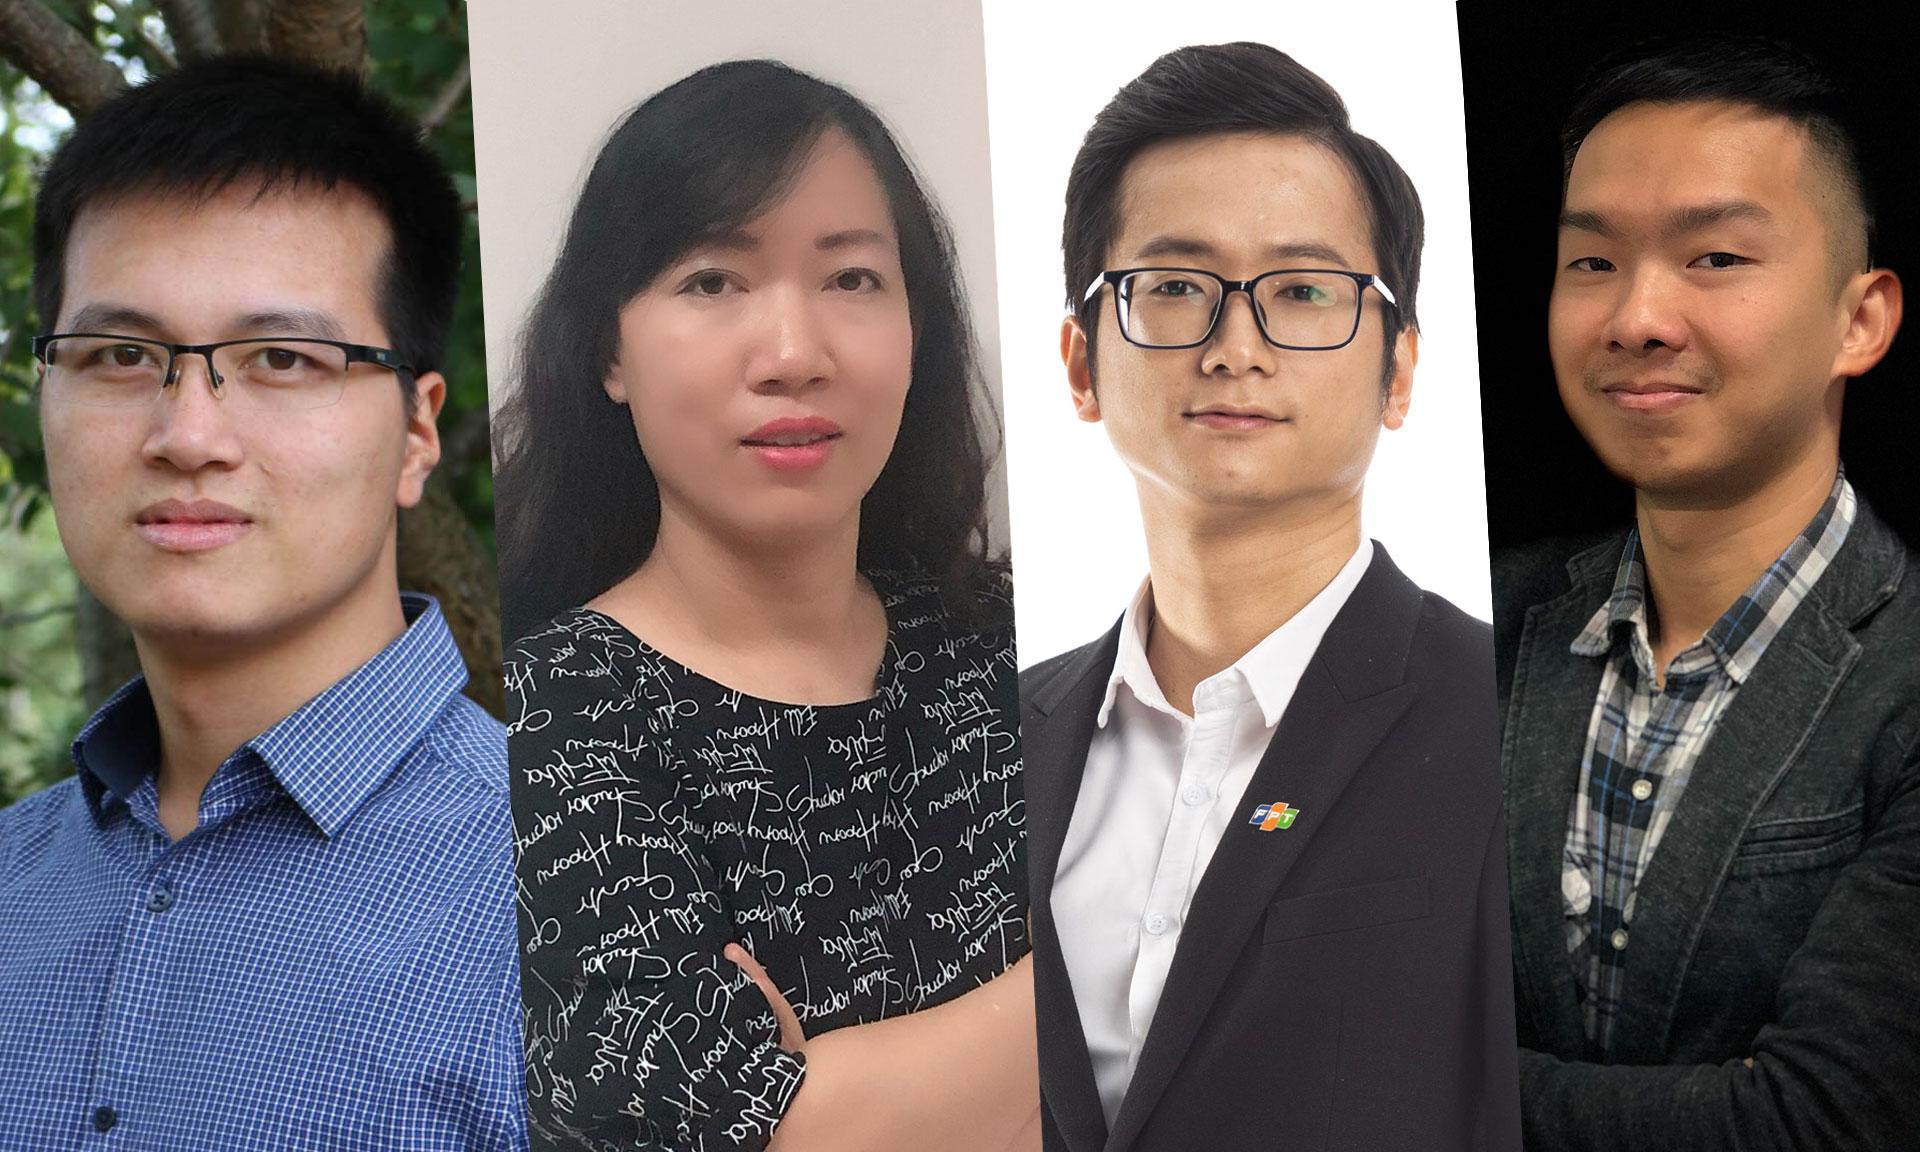 Bốn diễn giả của CTO Talks diễn ra vào 10h ngày 18/6: Ông Tiến sĩ Vũ Hữu Tiệp, bà Nguyễn Thị Minh Thuý, Nguyễn Thượng Tường Minh, Vũ Hải Nam.